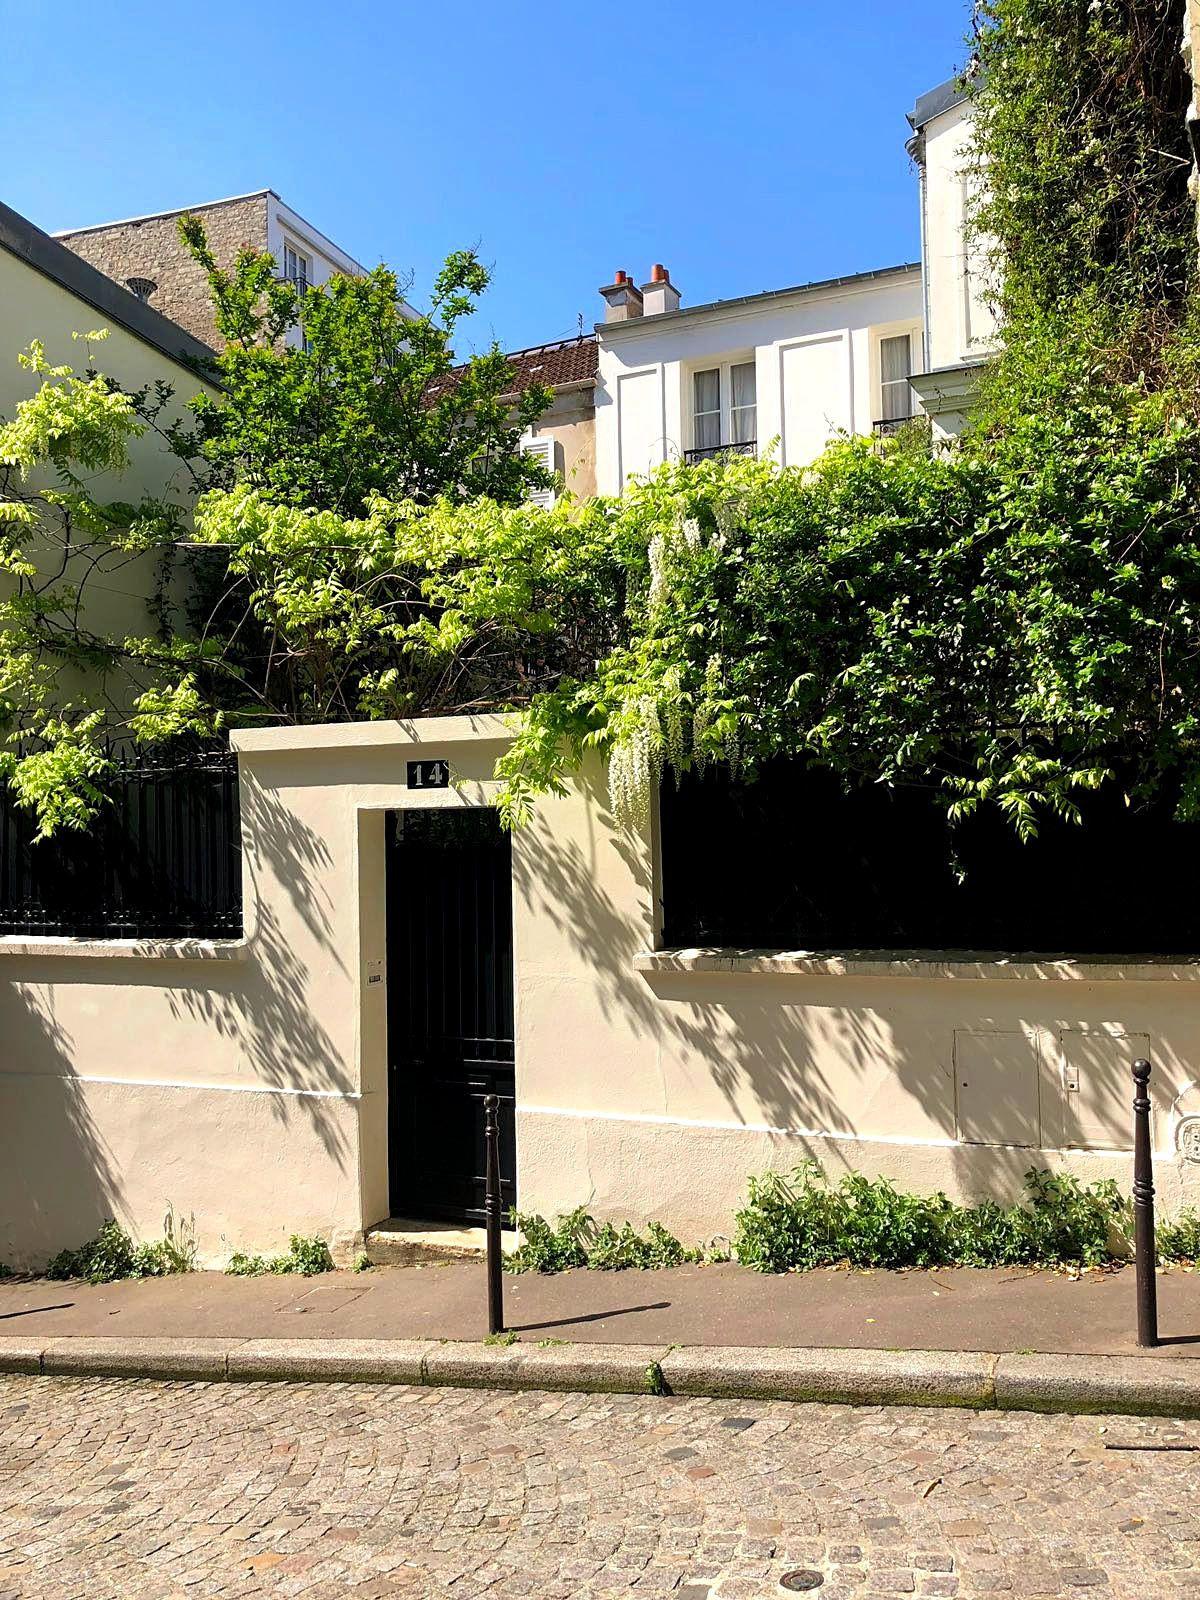 Week-End Parisien... Une Campagne à Paris, 13ème arrondissement (1)